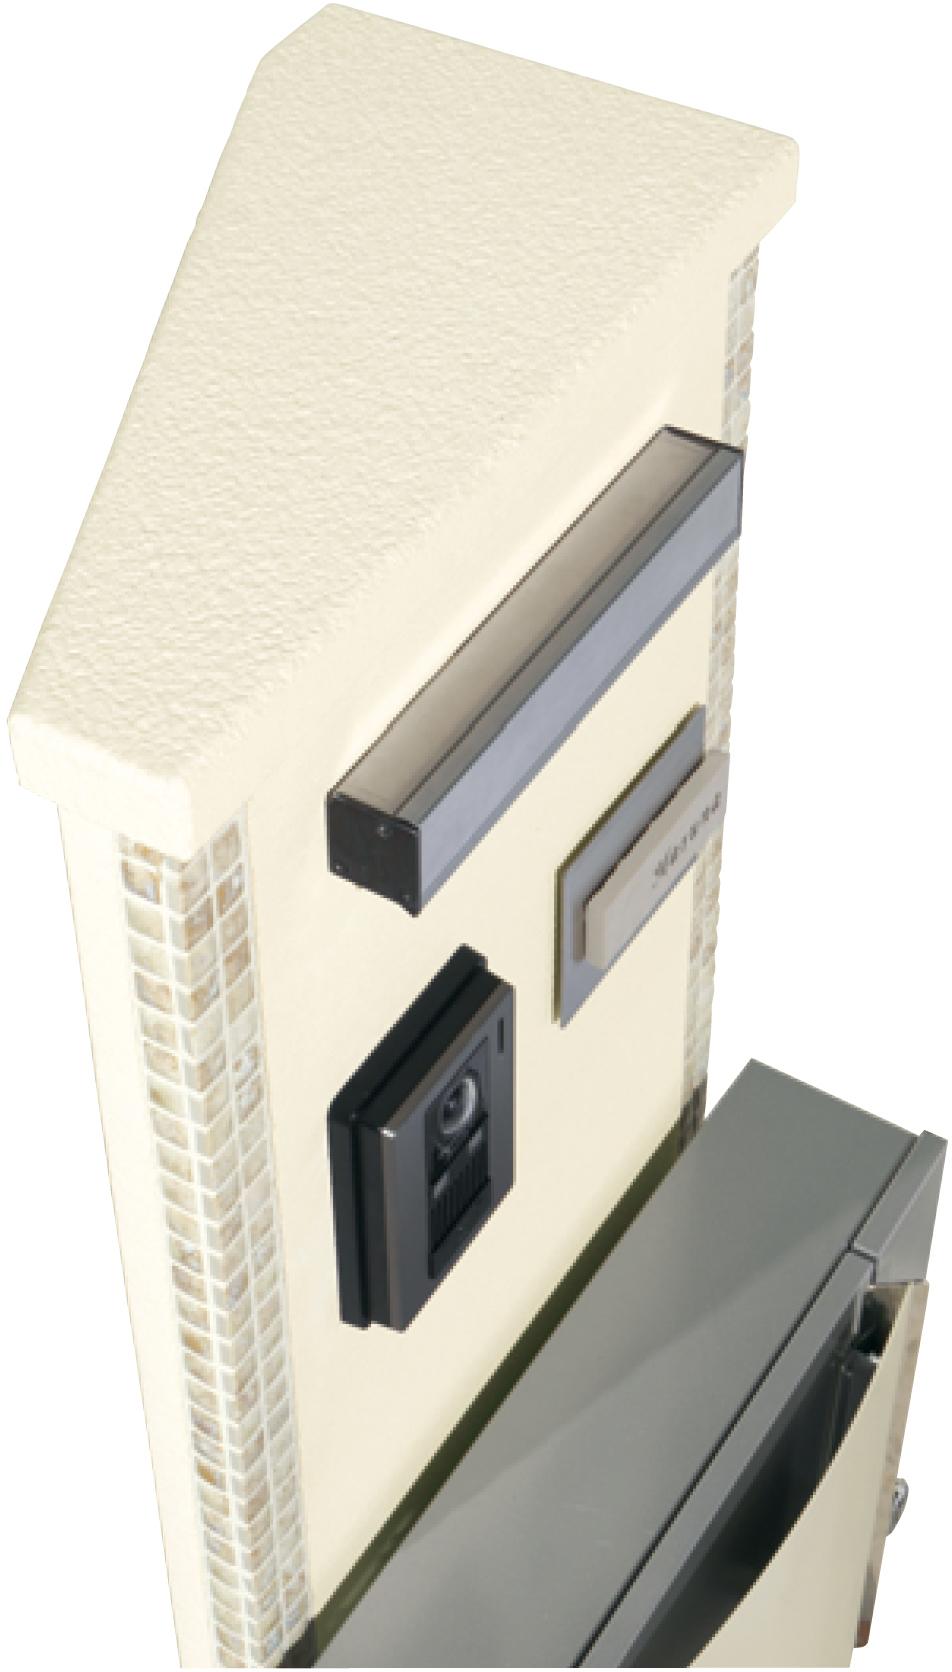 ファミアージュフォンテ2特徴三角柱